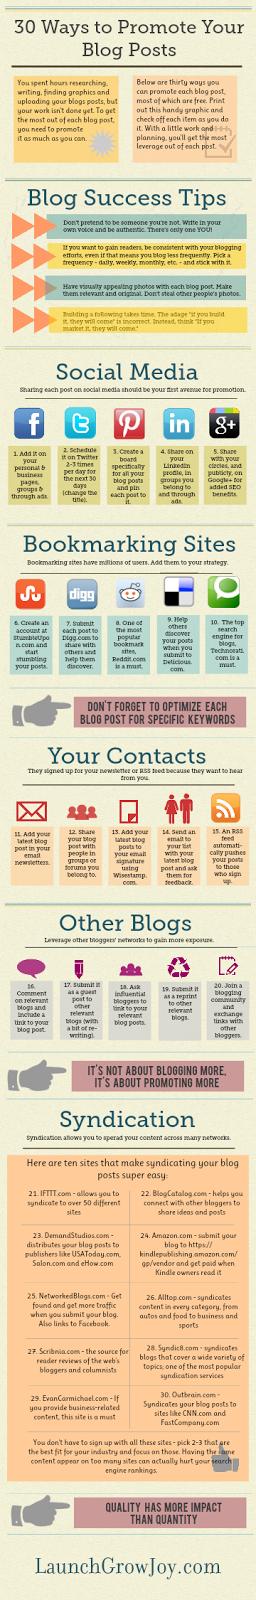 30 Cara Fantastis mempromosikan Blog Anda